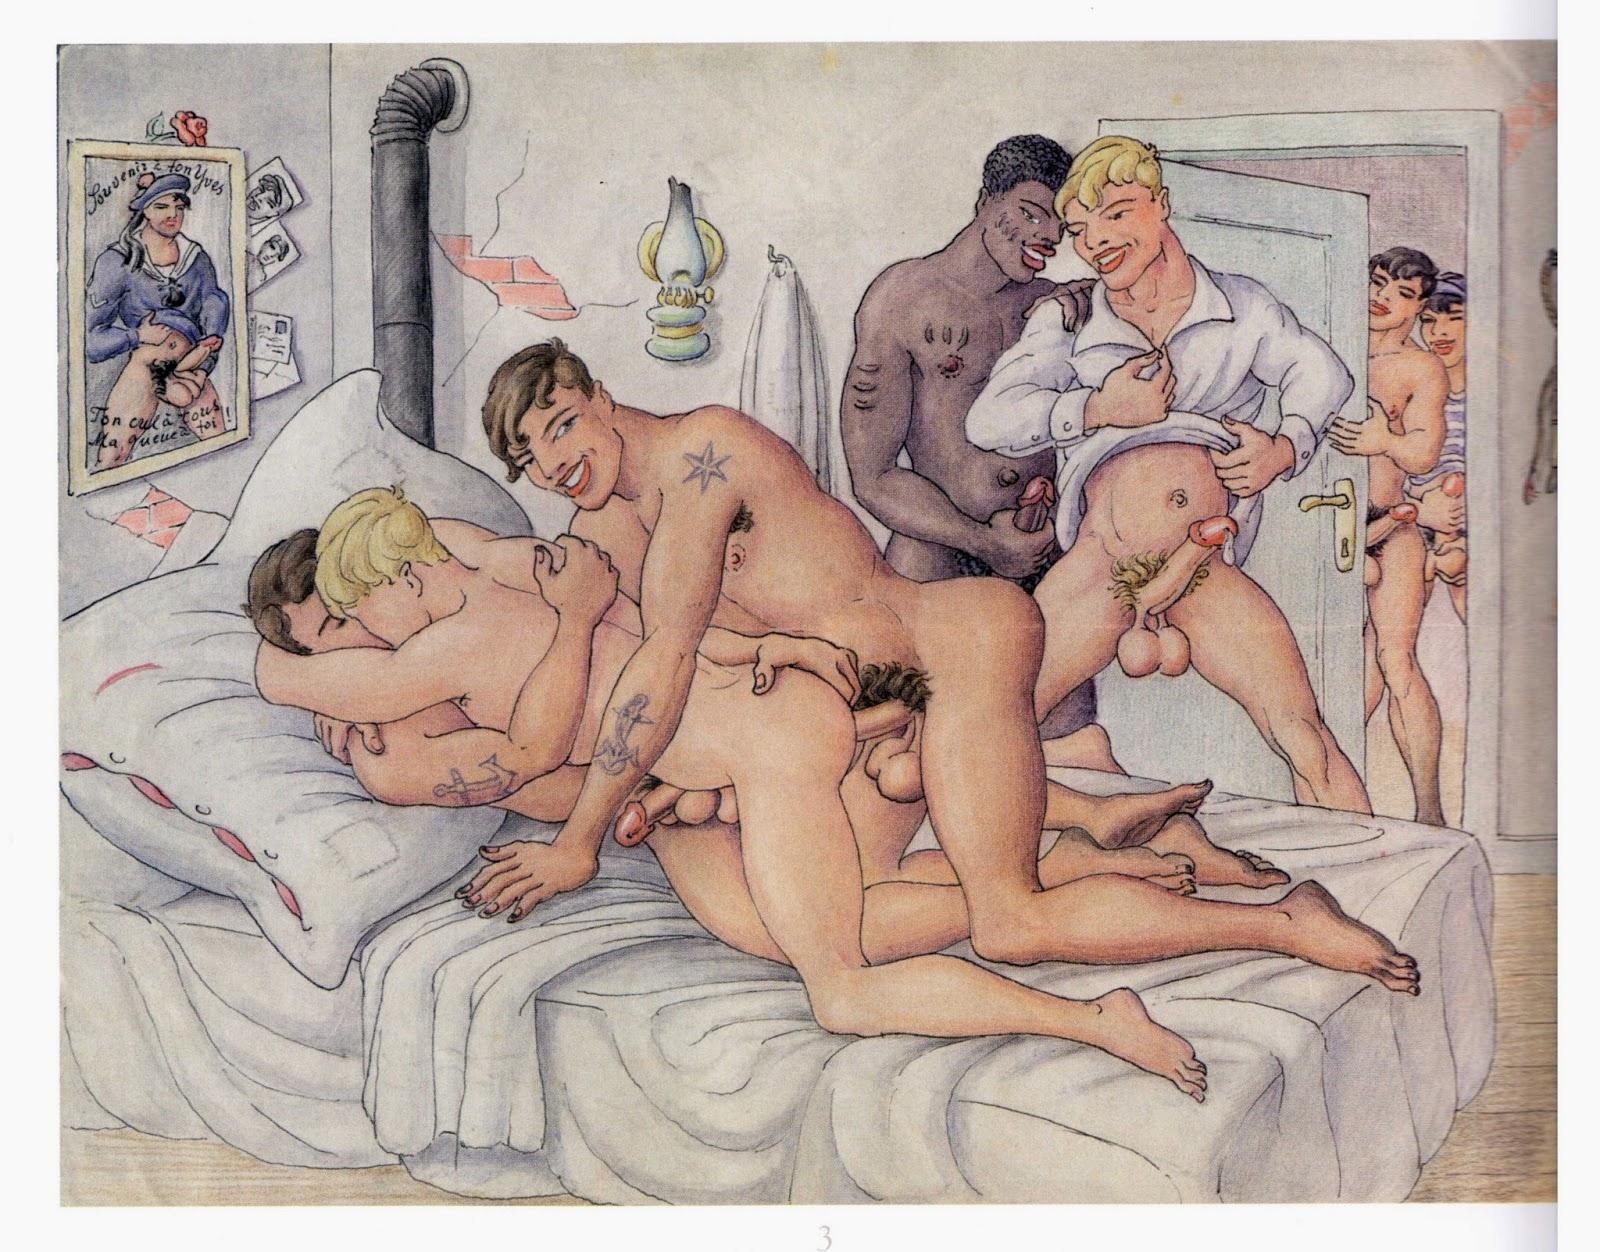 исторические секс рисунки она